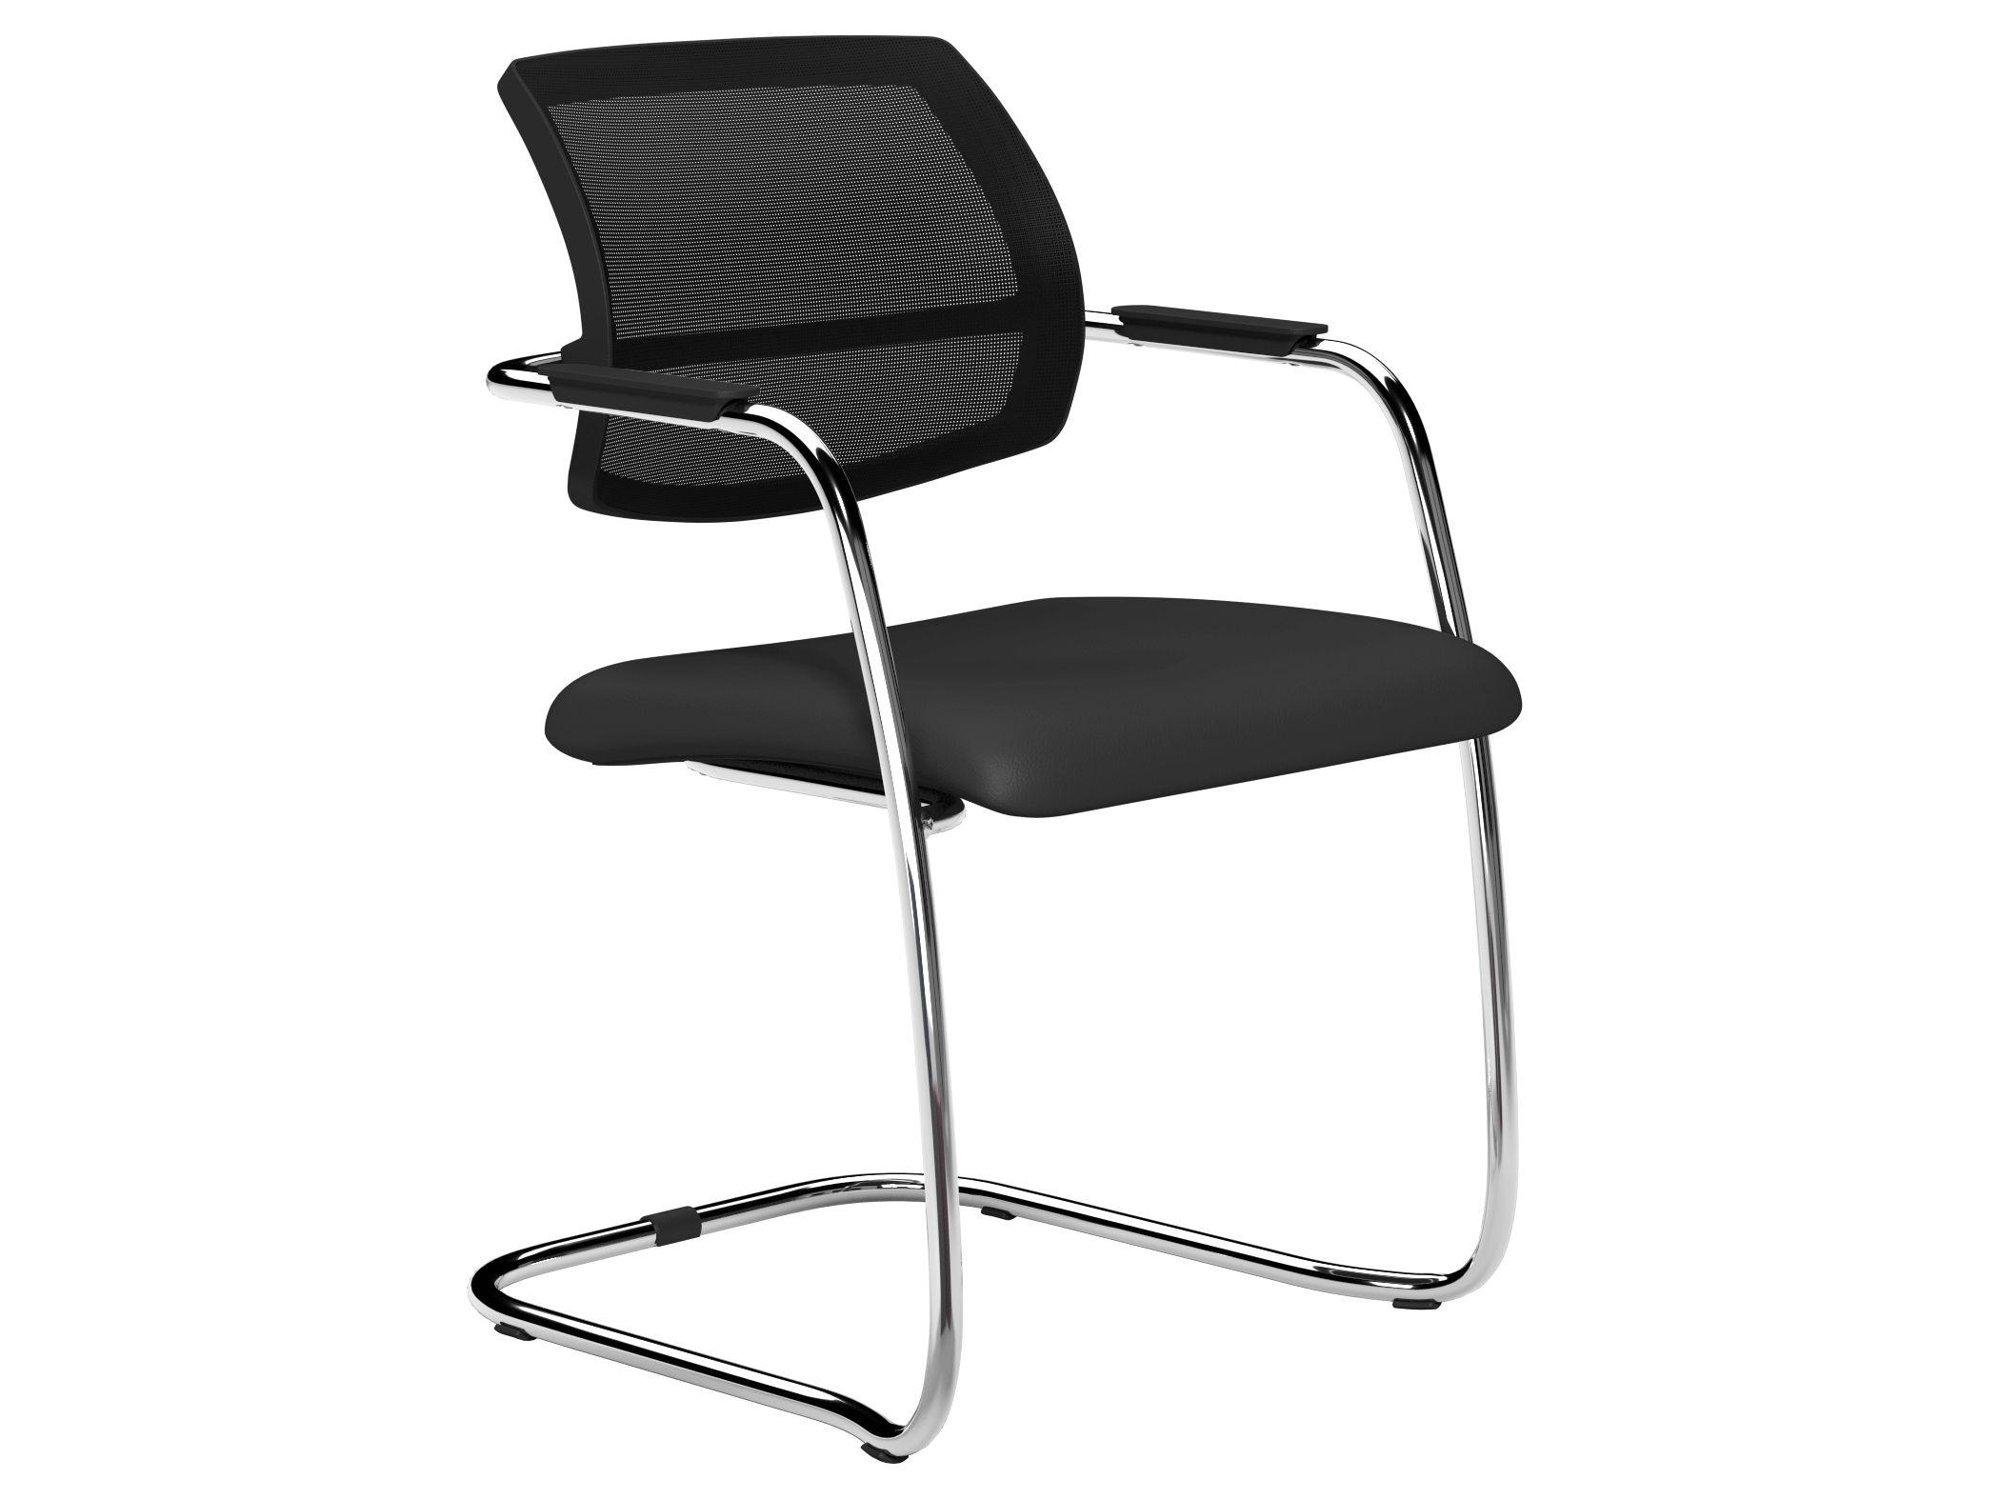 O.Q Series Mid TKMS1 Black Mesh Back Stacking Chair Chrome - Lotus Black L001